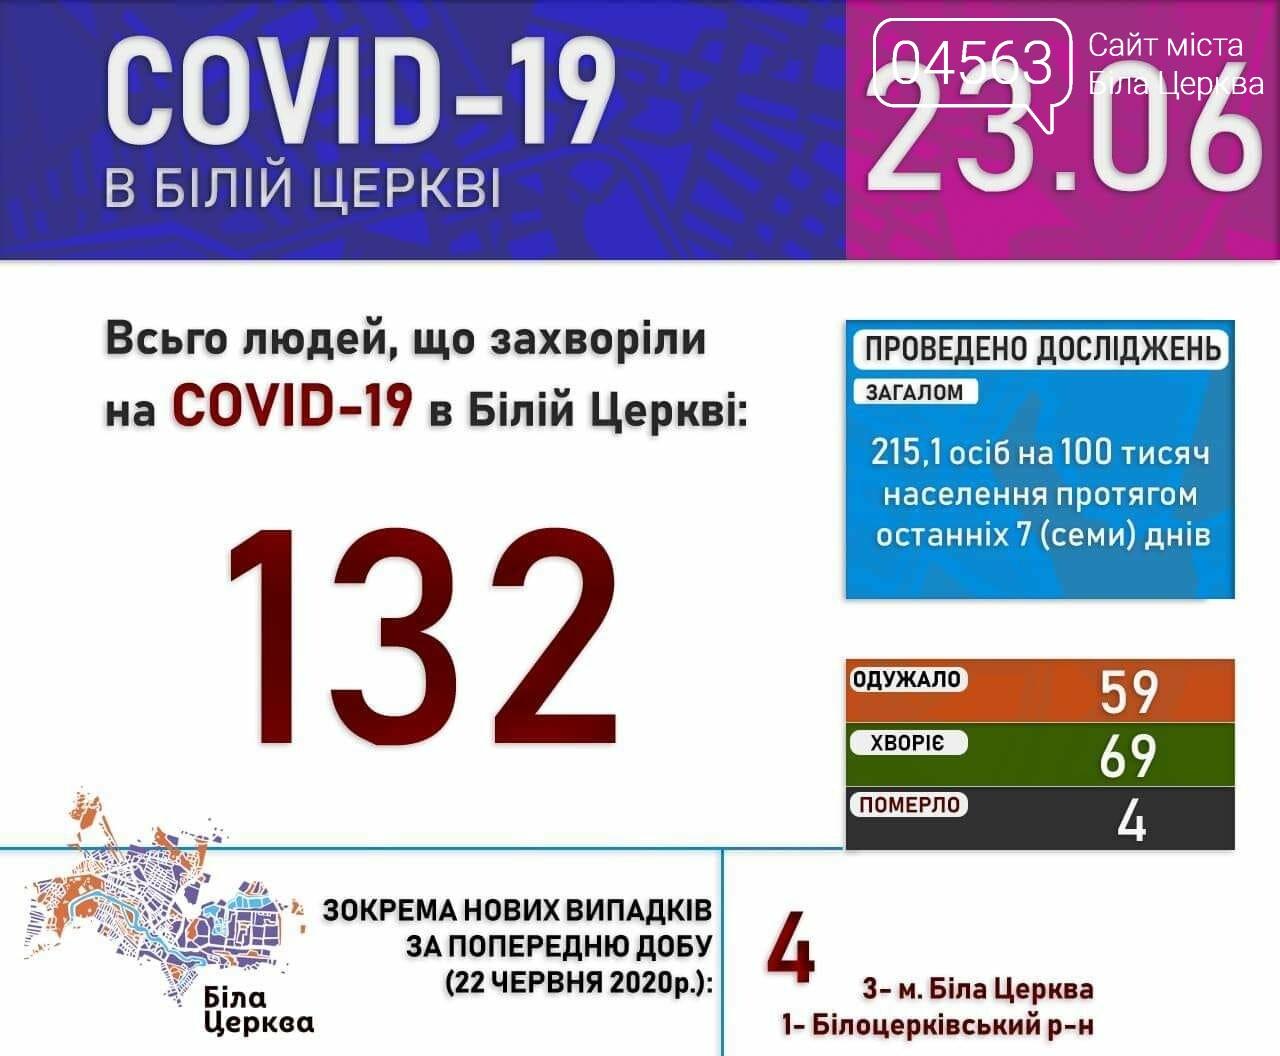 Поточна ситуація в Білій Церкві щодо кількості хворих на COVID-19 на 23.06.2020 року, фото-1